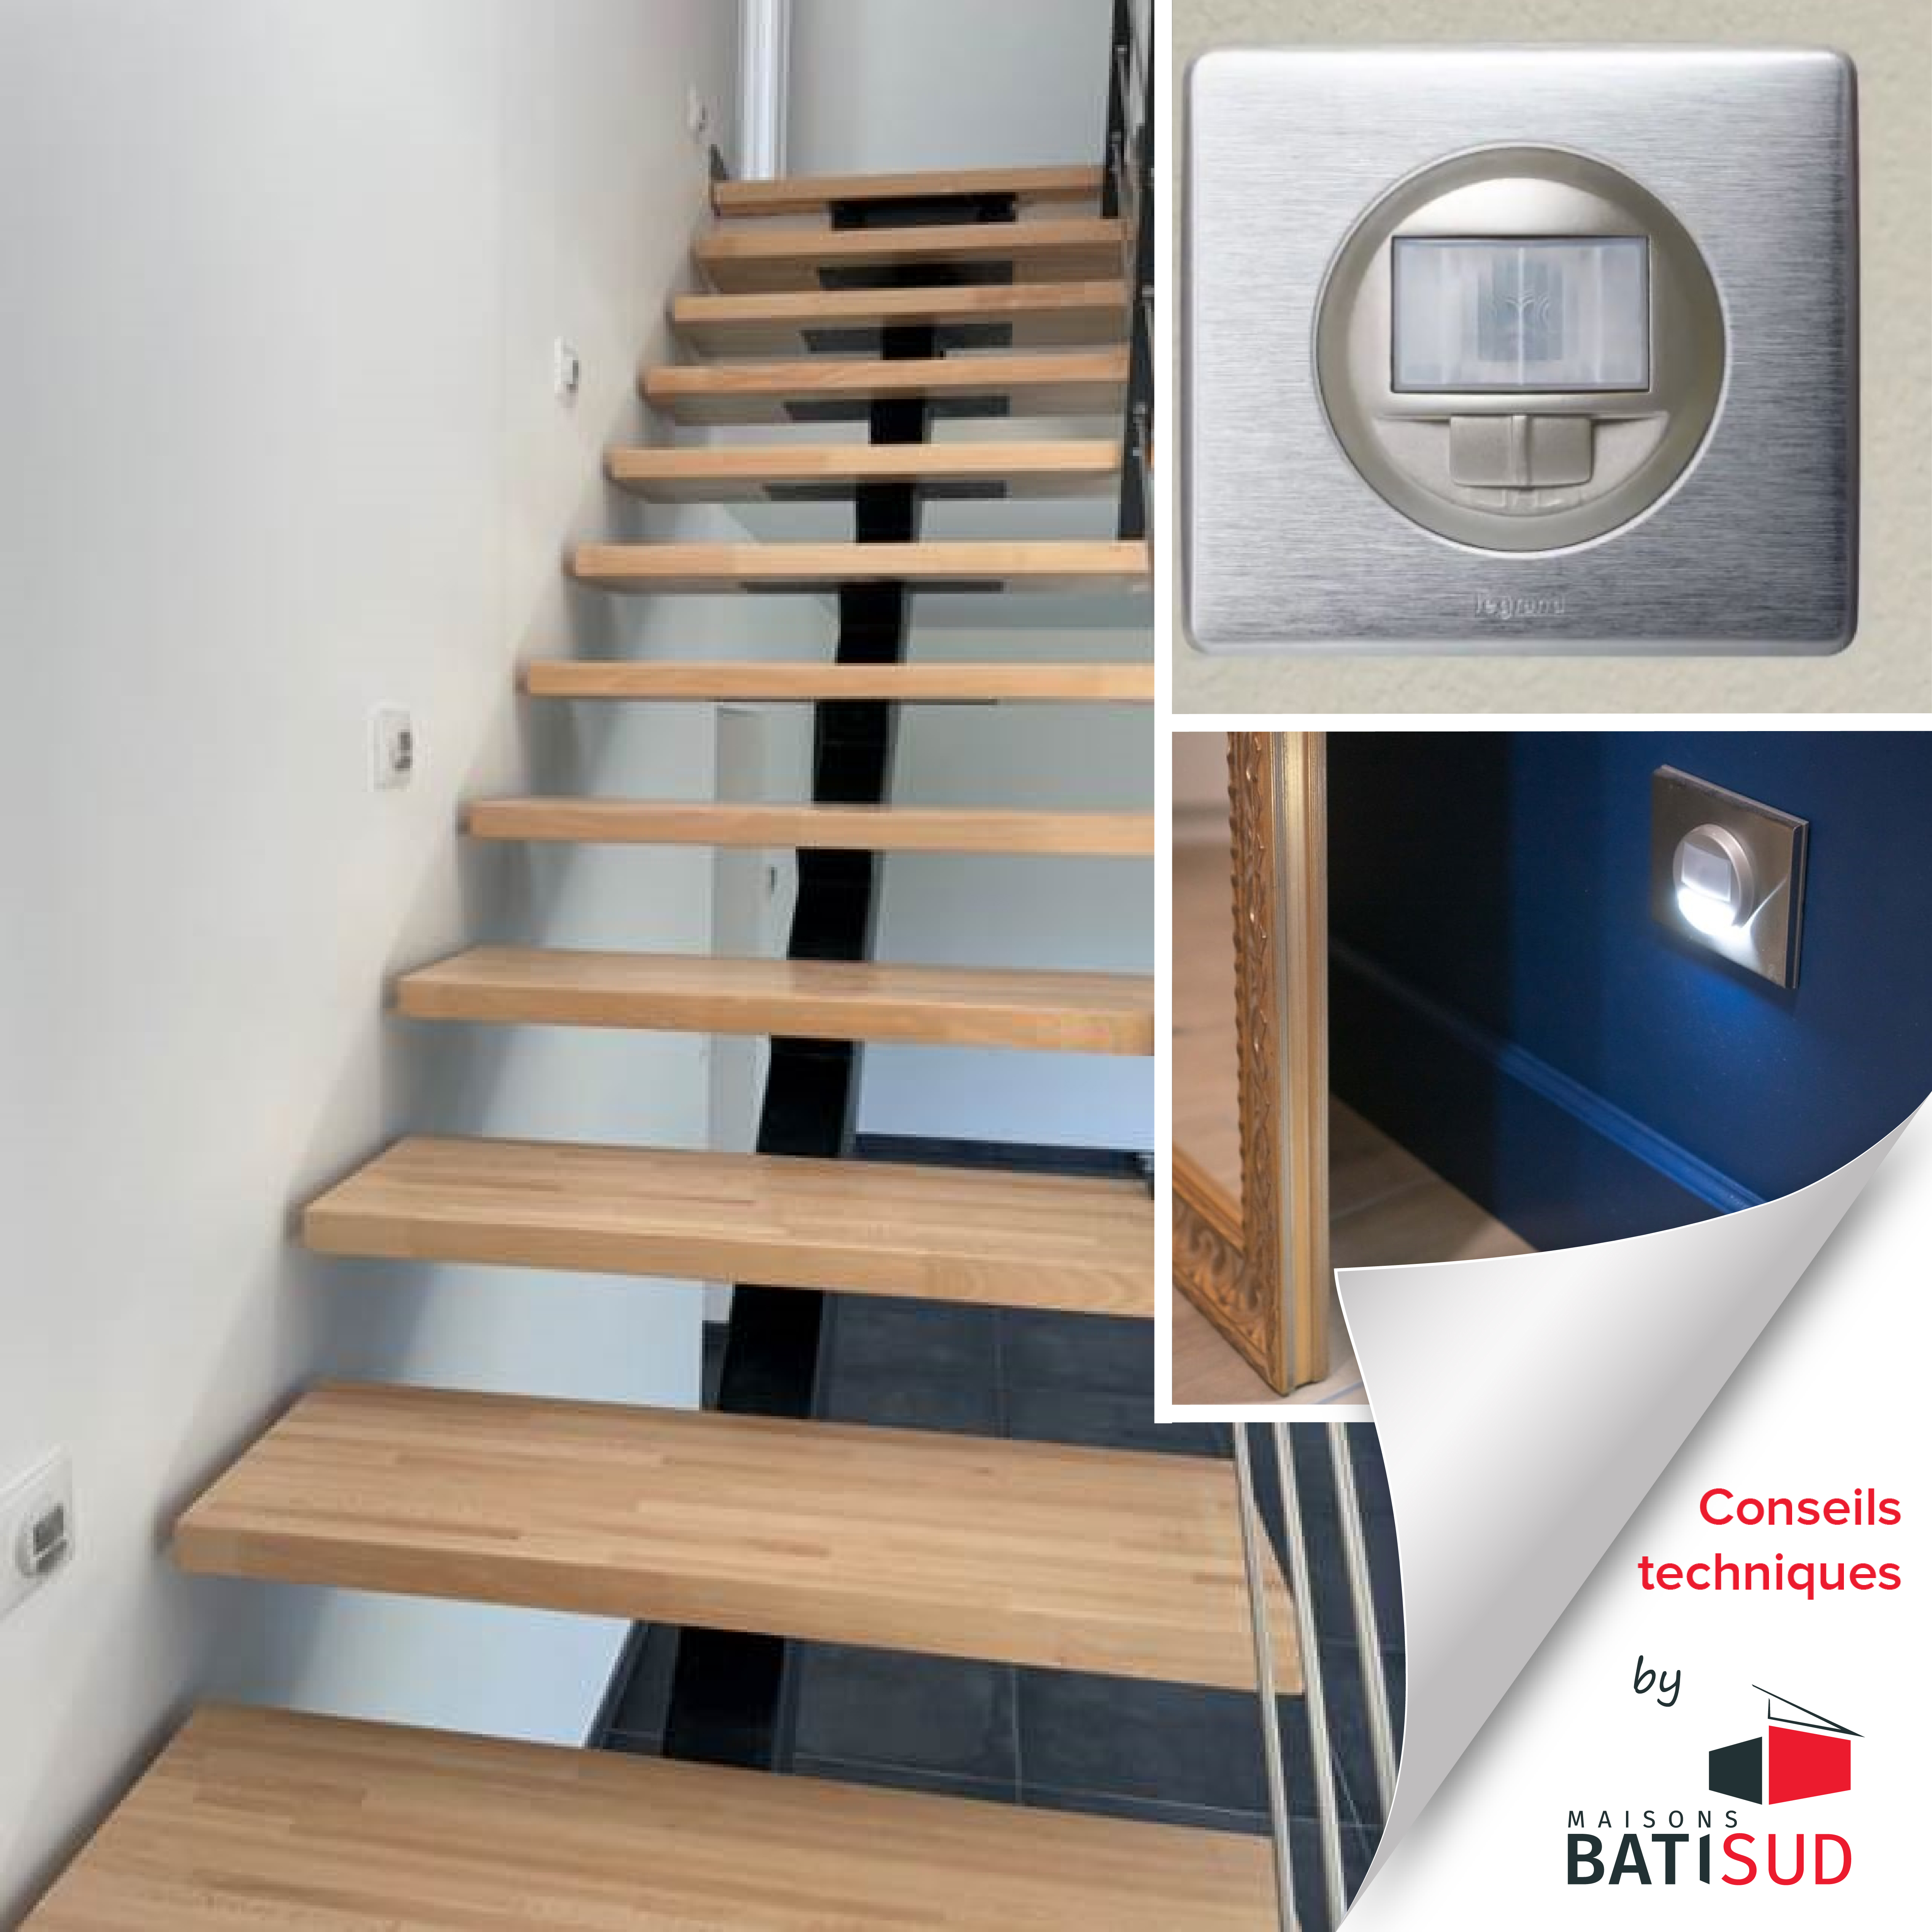 CONSEILS TECHNIQUES BY MAISONS BATI SUD : BORNES DE BALISAGE